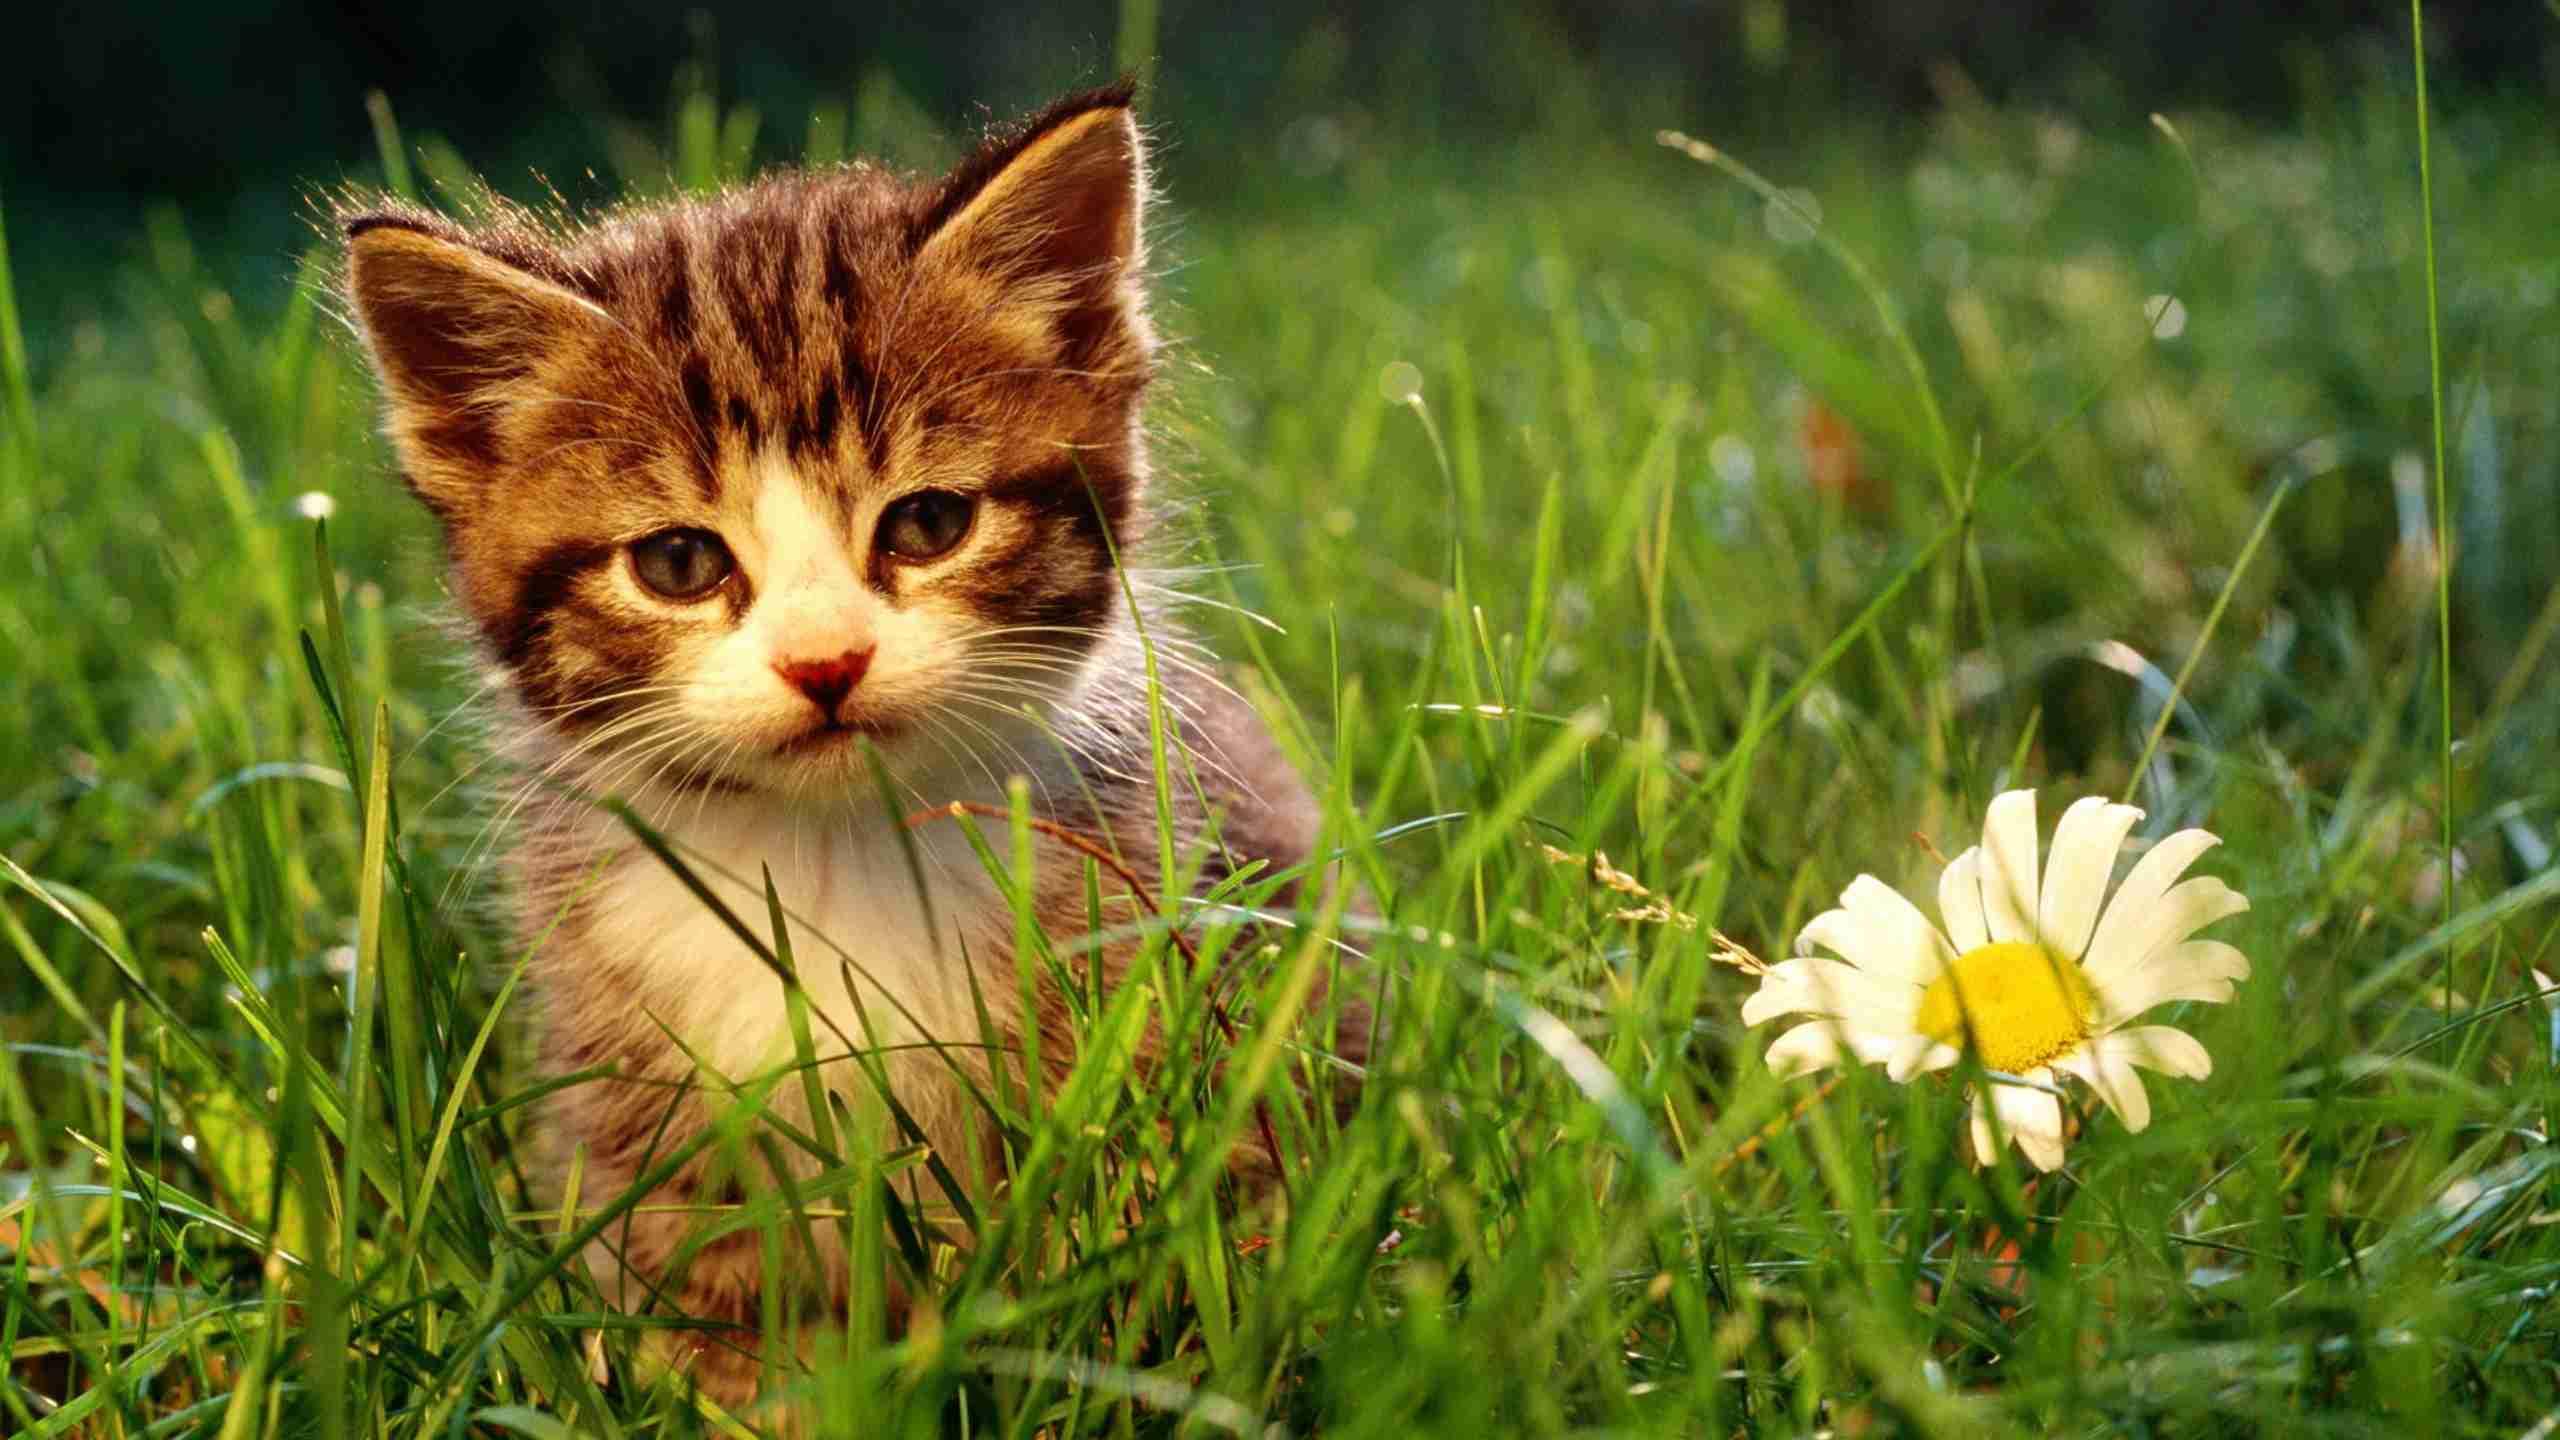 La flor navideña o de pascua no es dañina para los felinos como se cree pero existen otras que ponen en riesgo su salud y vida